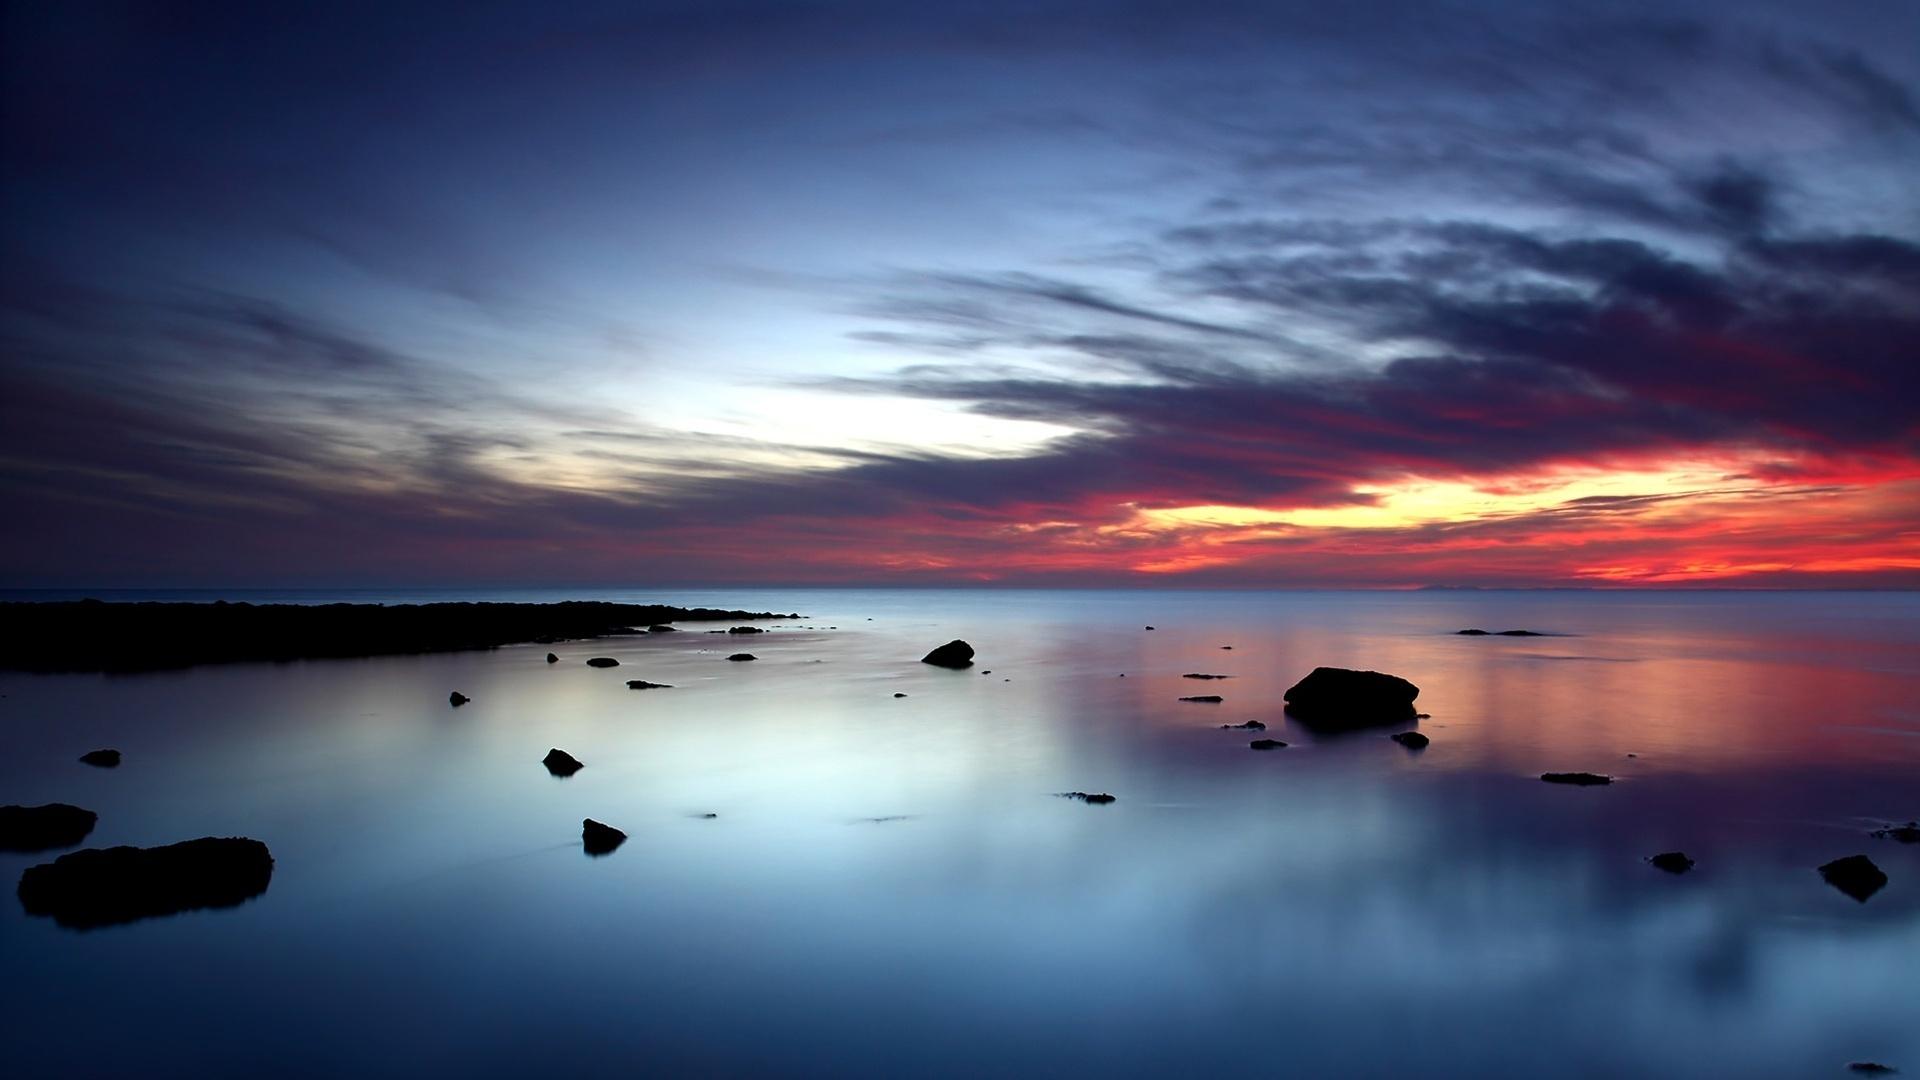 Beautiful Ocean Sunset Wallpaper 35975 1920x1080 px 1920x1080